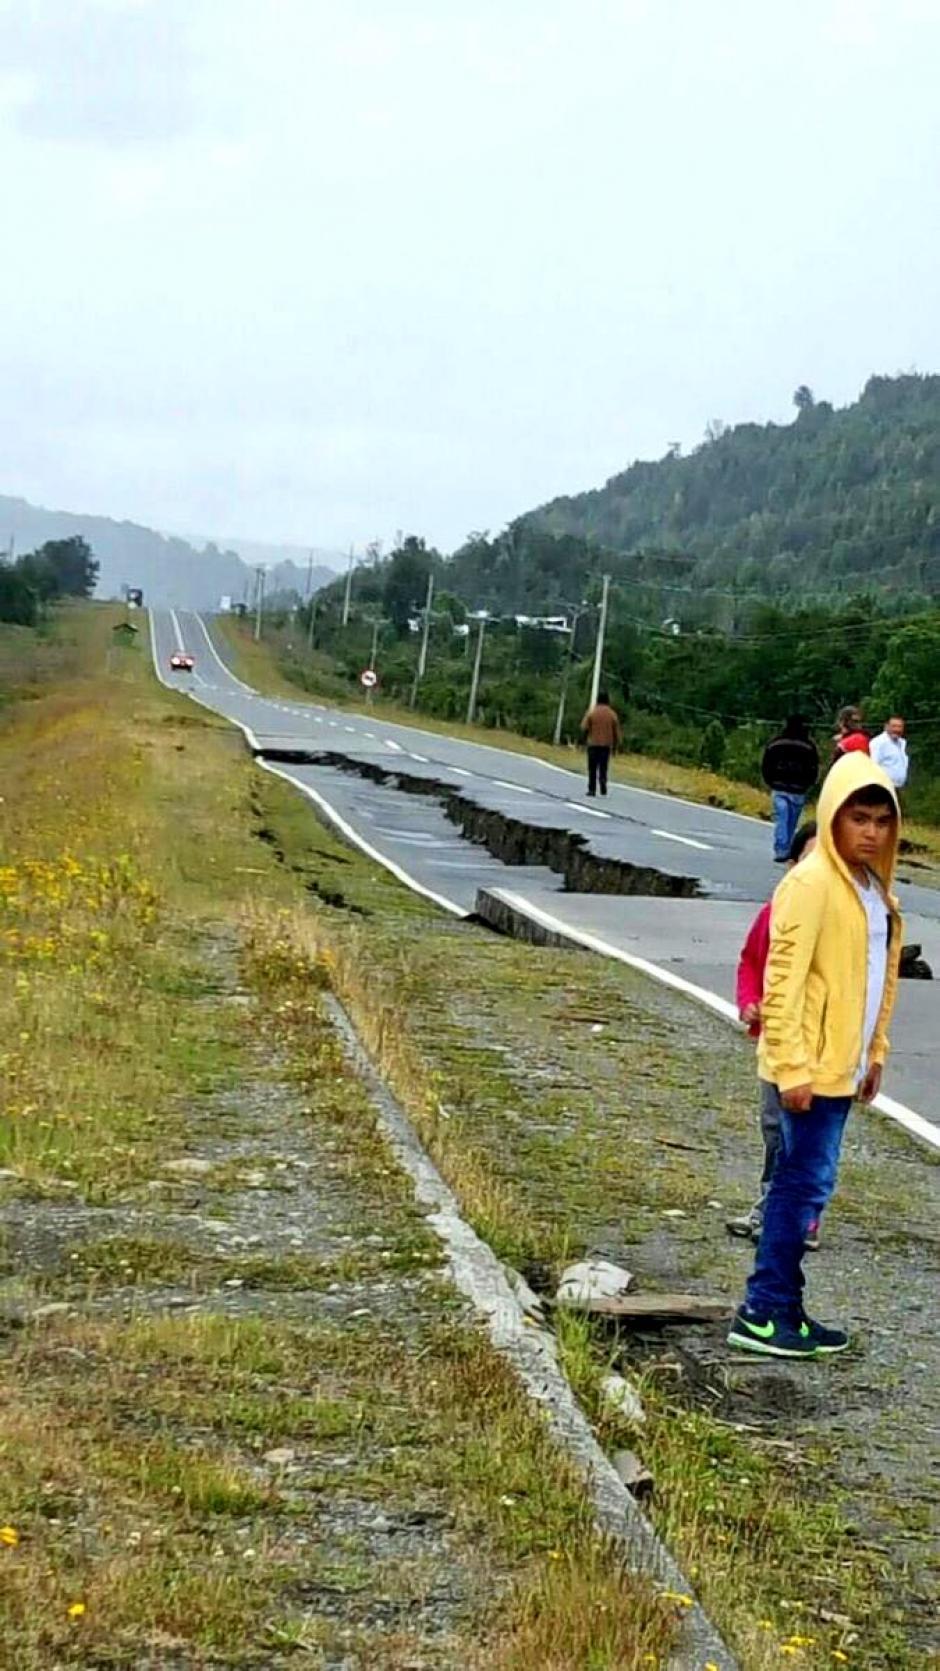 Chile es uno de los países más sísmicos del mundo y ha puesto en marcha una estricta norma de construcción antisísmica. (Foto: Twitter)